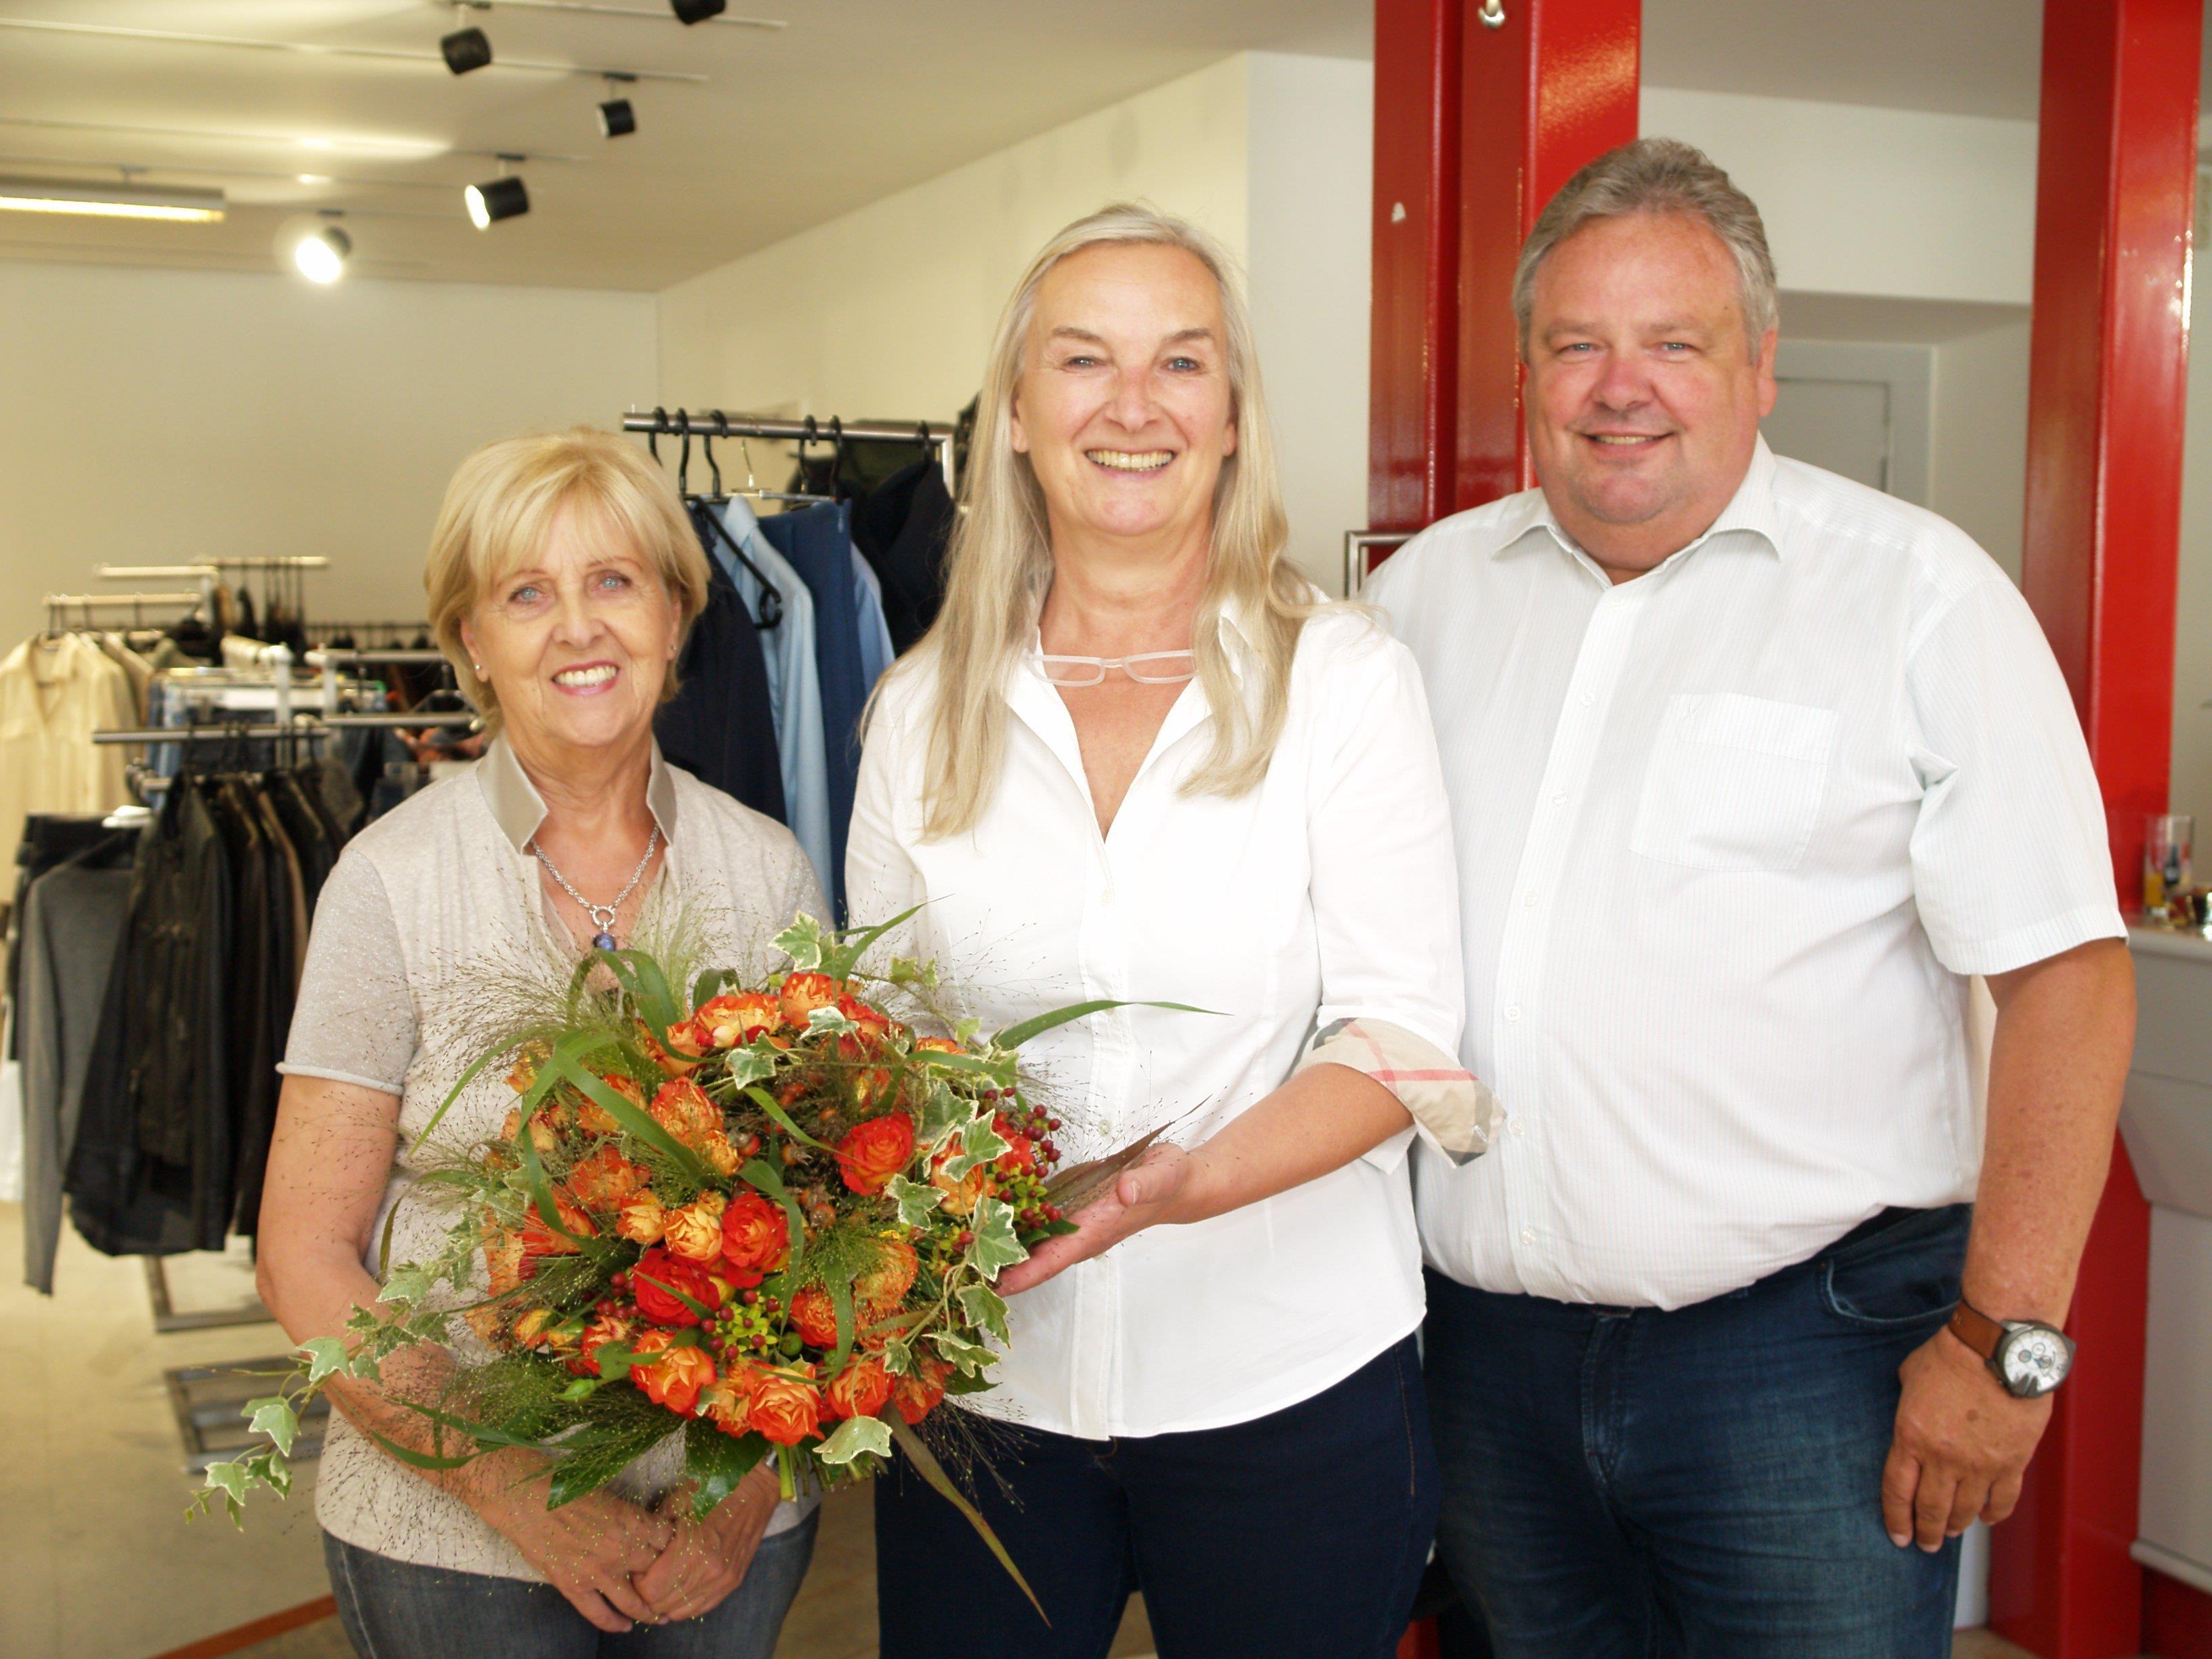 Geschäftsinhaberin Margit Stocker (Mitte) mit Margit Fleisch und Bürgrmeister Karl Wutschitz bei der Eröffnung.